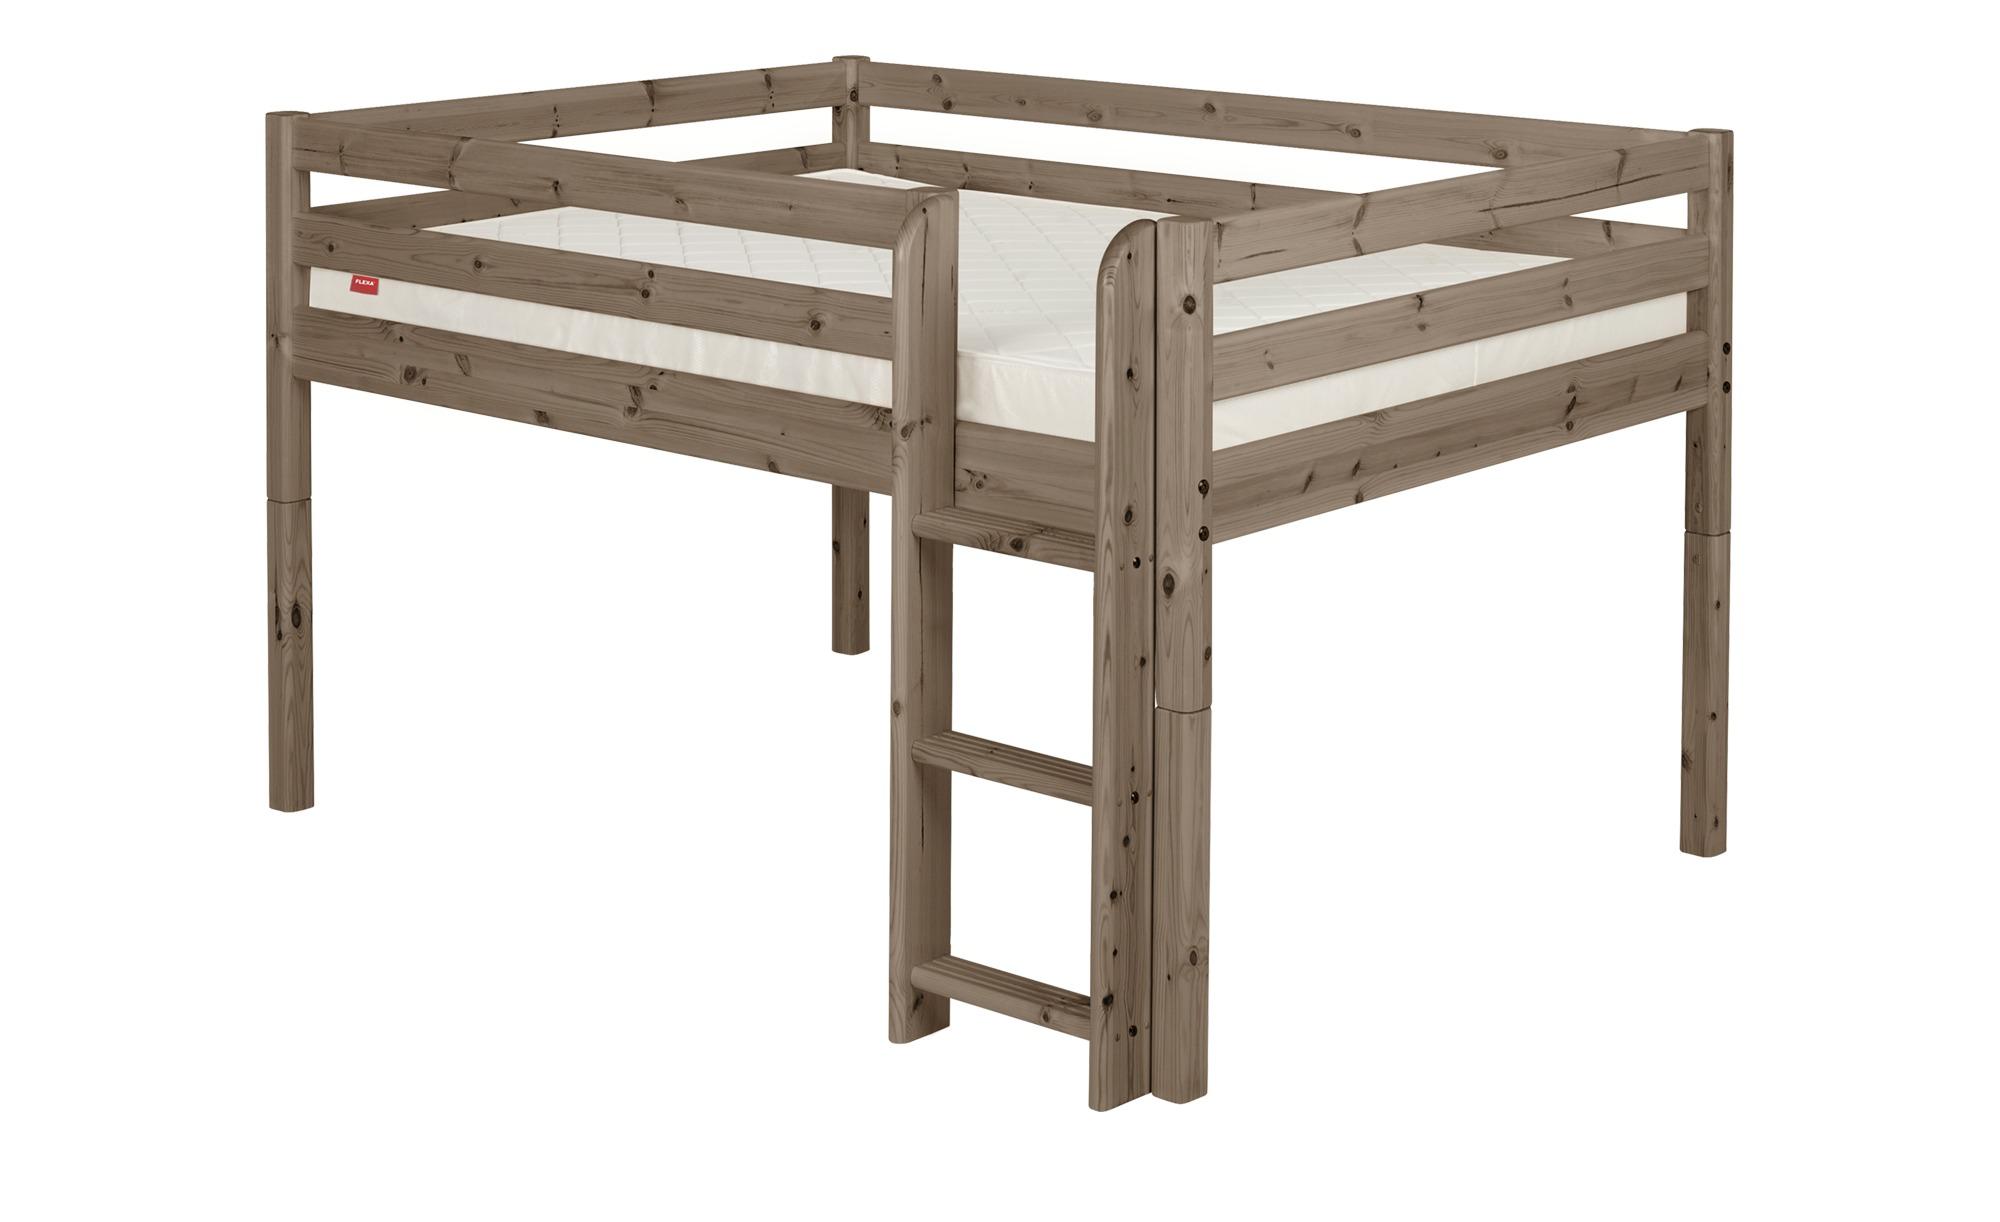 FLEXA Halbhohes Bett Holz Flexa Classic ¦ holzfarben ¦ Maße (cm): B: 160 H: 120 Kindermöbel > Kinderbetten - Höffner